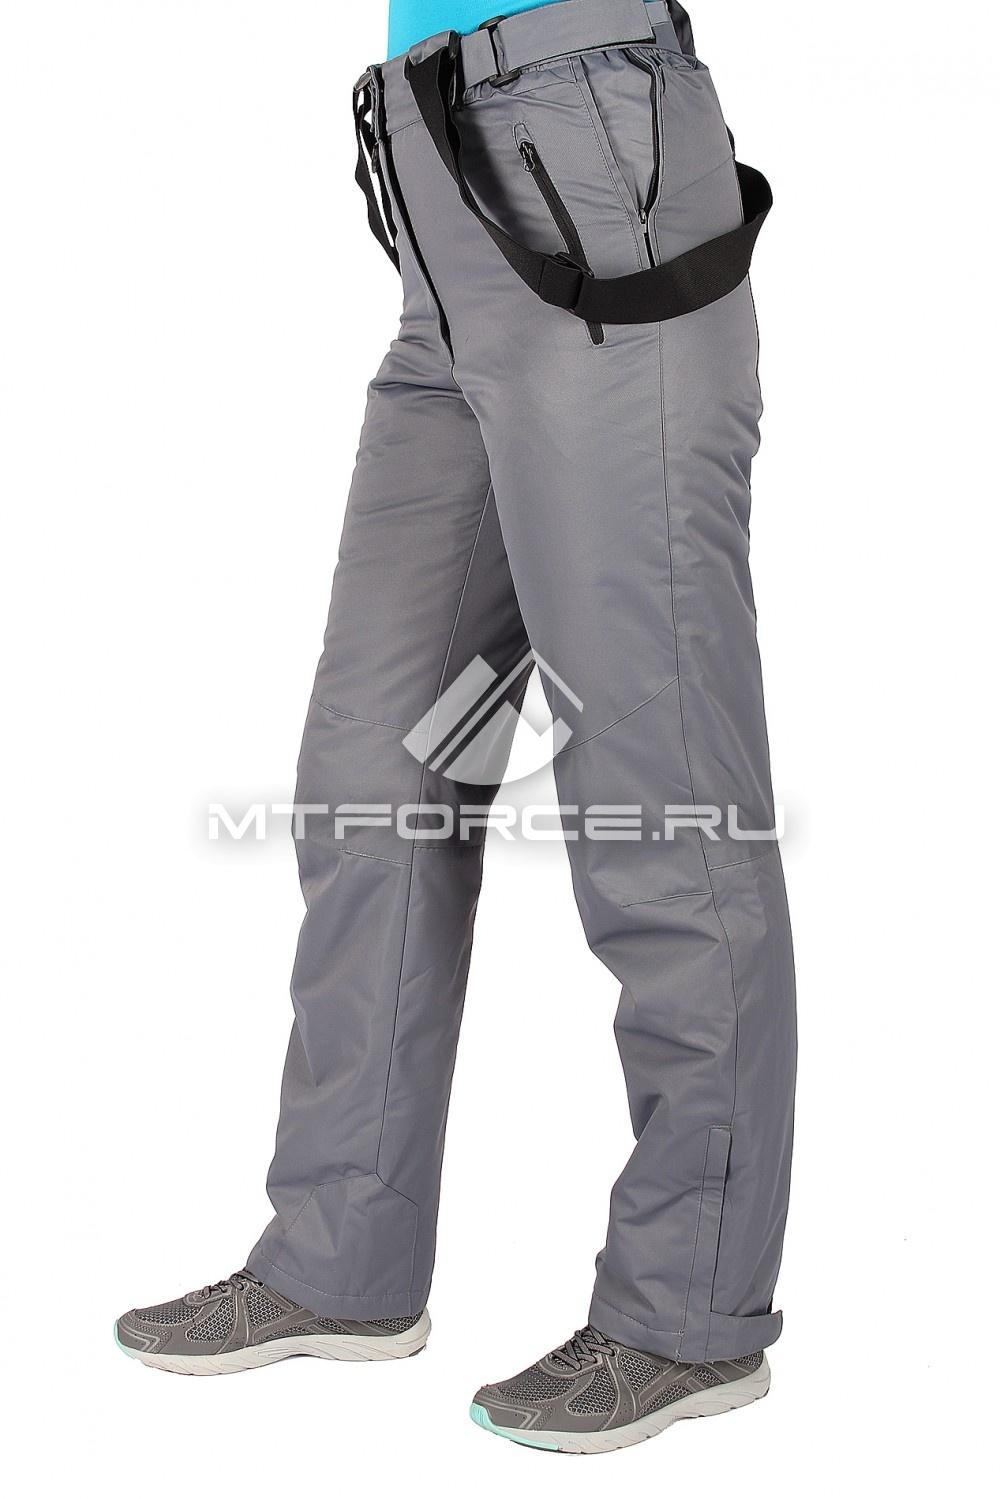 Купить                                  оптом Брюки горнолыжные женские серого цвета 15326Sr